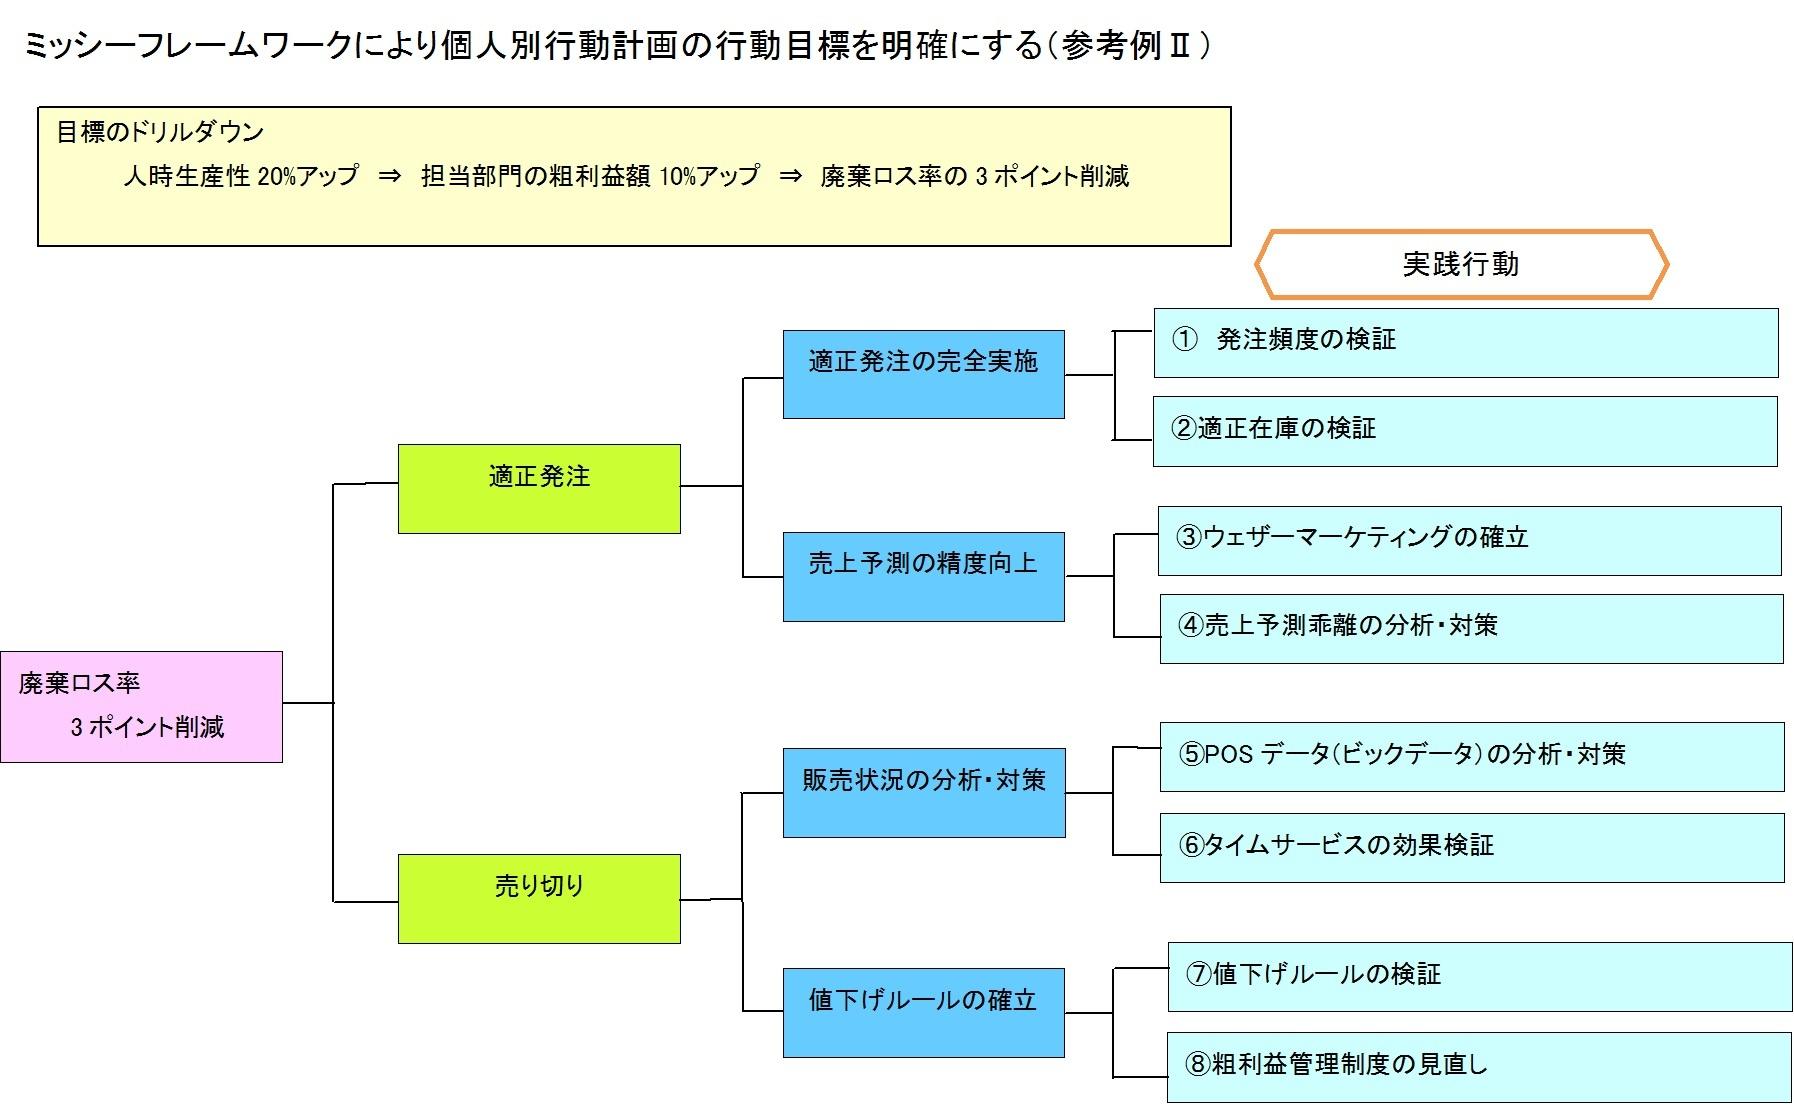 ミッシーフレームワークによる個人別行動管理計画の行動目標を明確にする(参考例2)